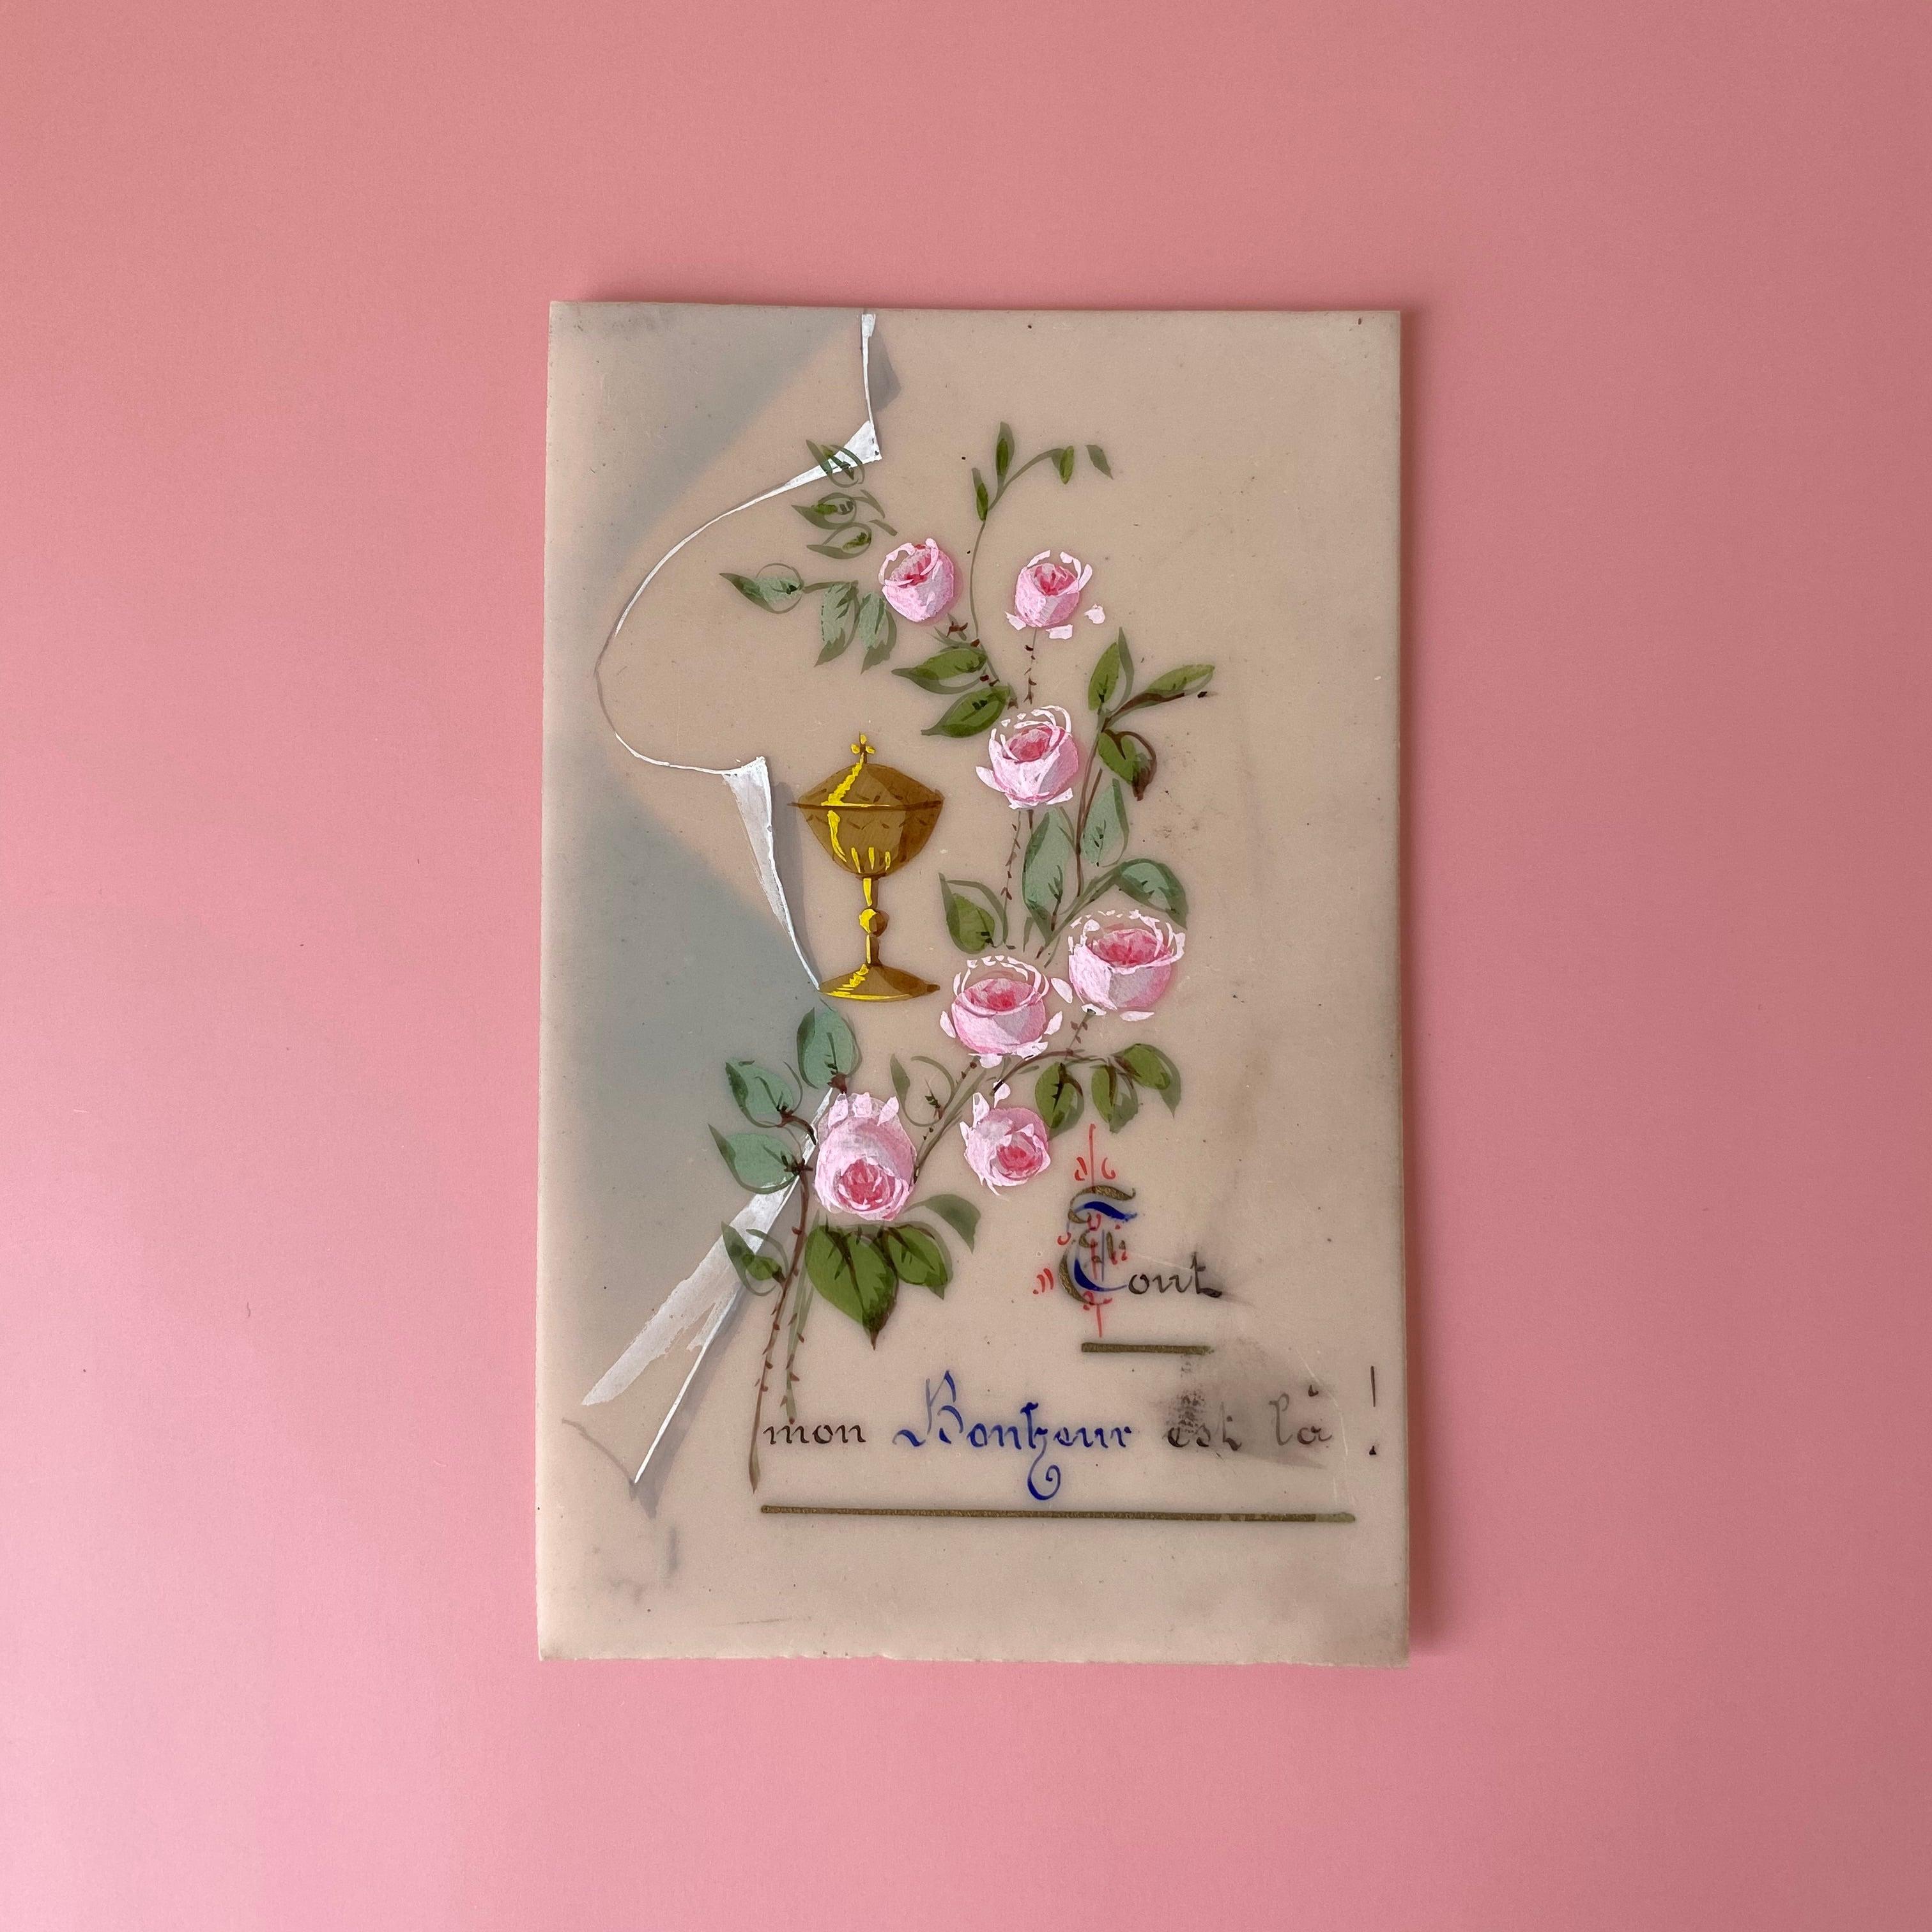 セルロイド・ホーリーカード CELLULOID HOLY CARD / vp0144